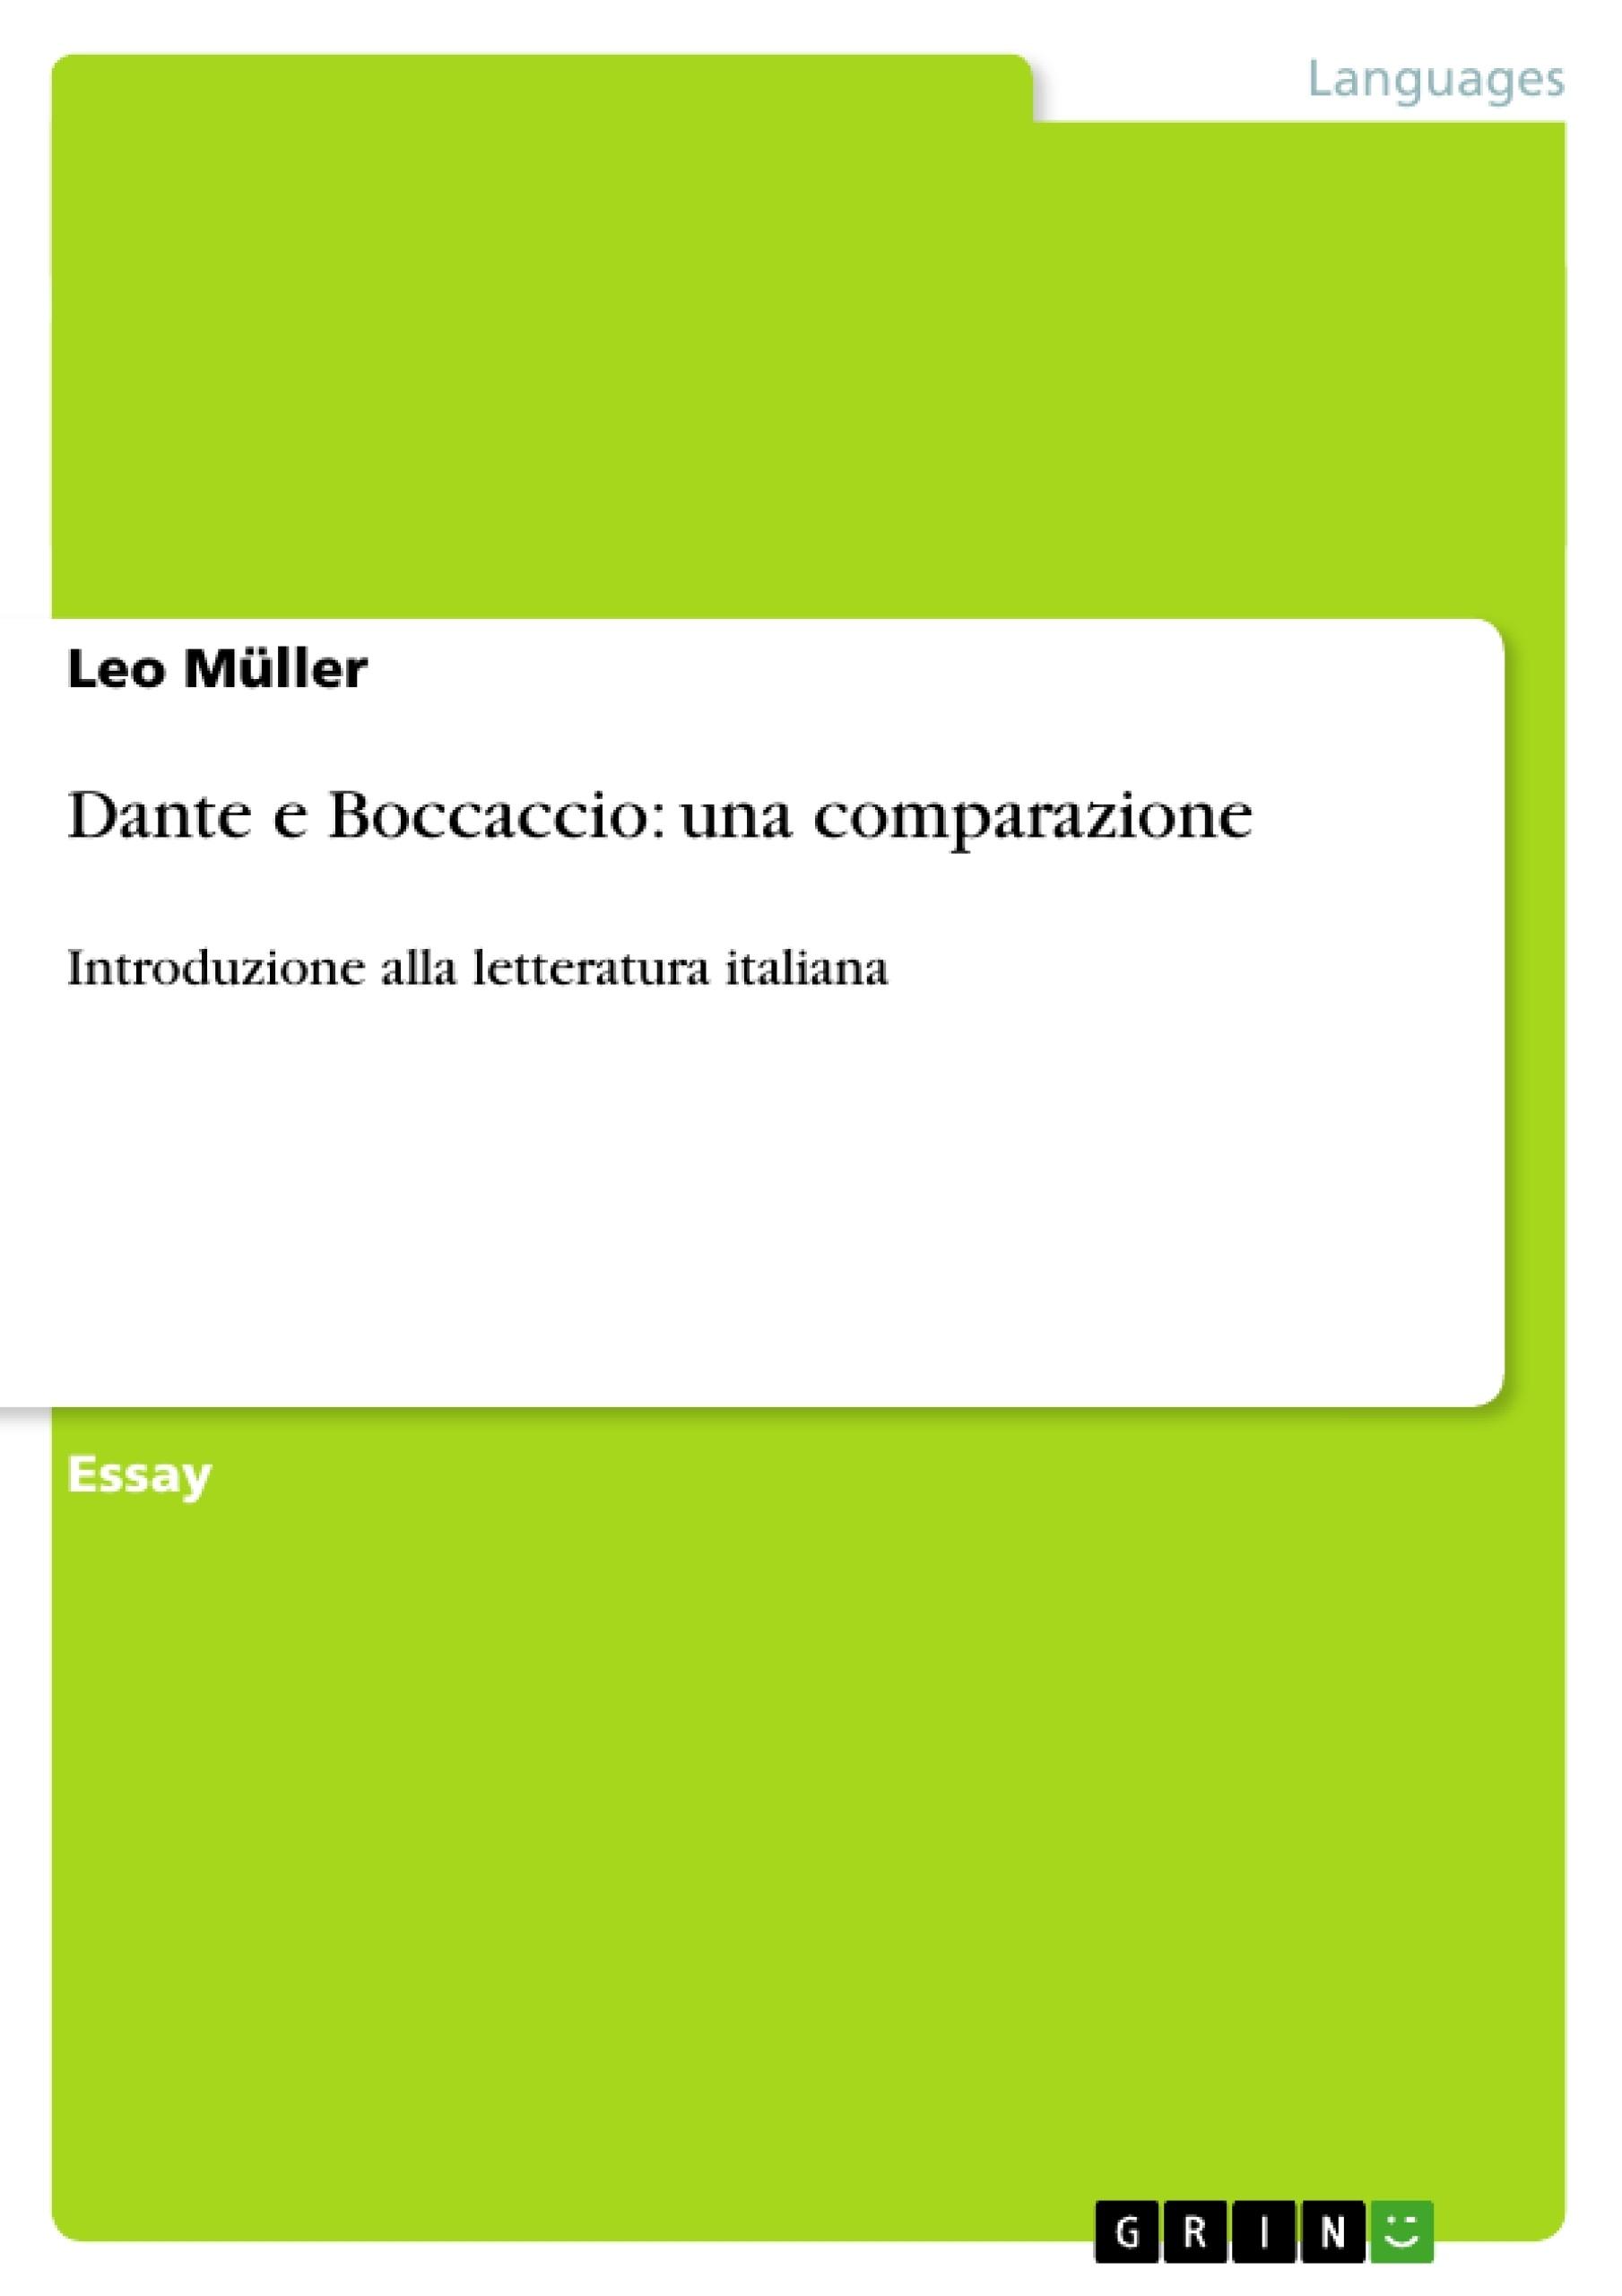 Title: Dante e Boccaccio: una comparazione